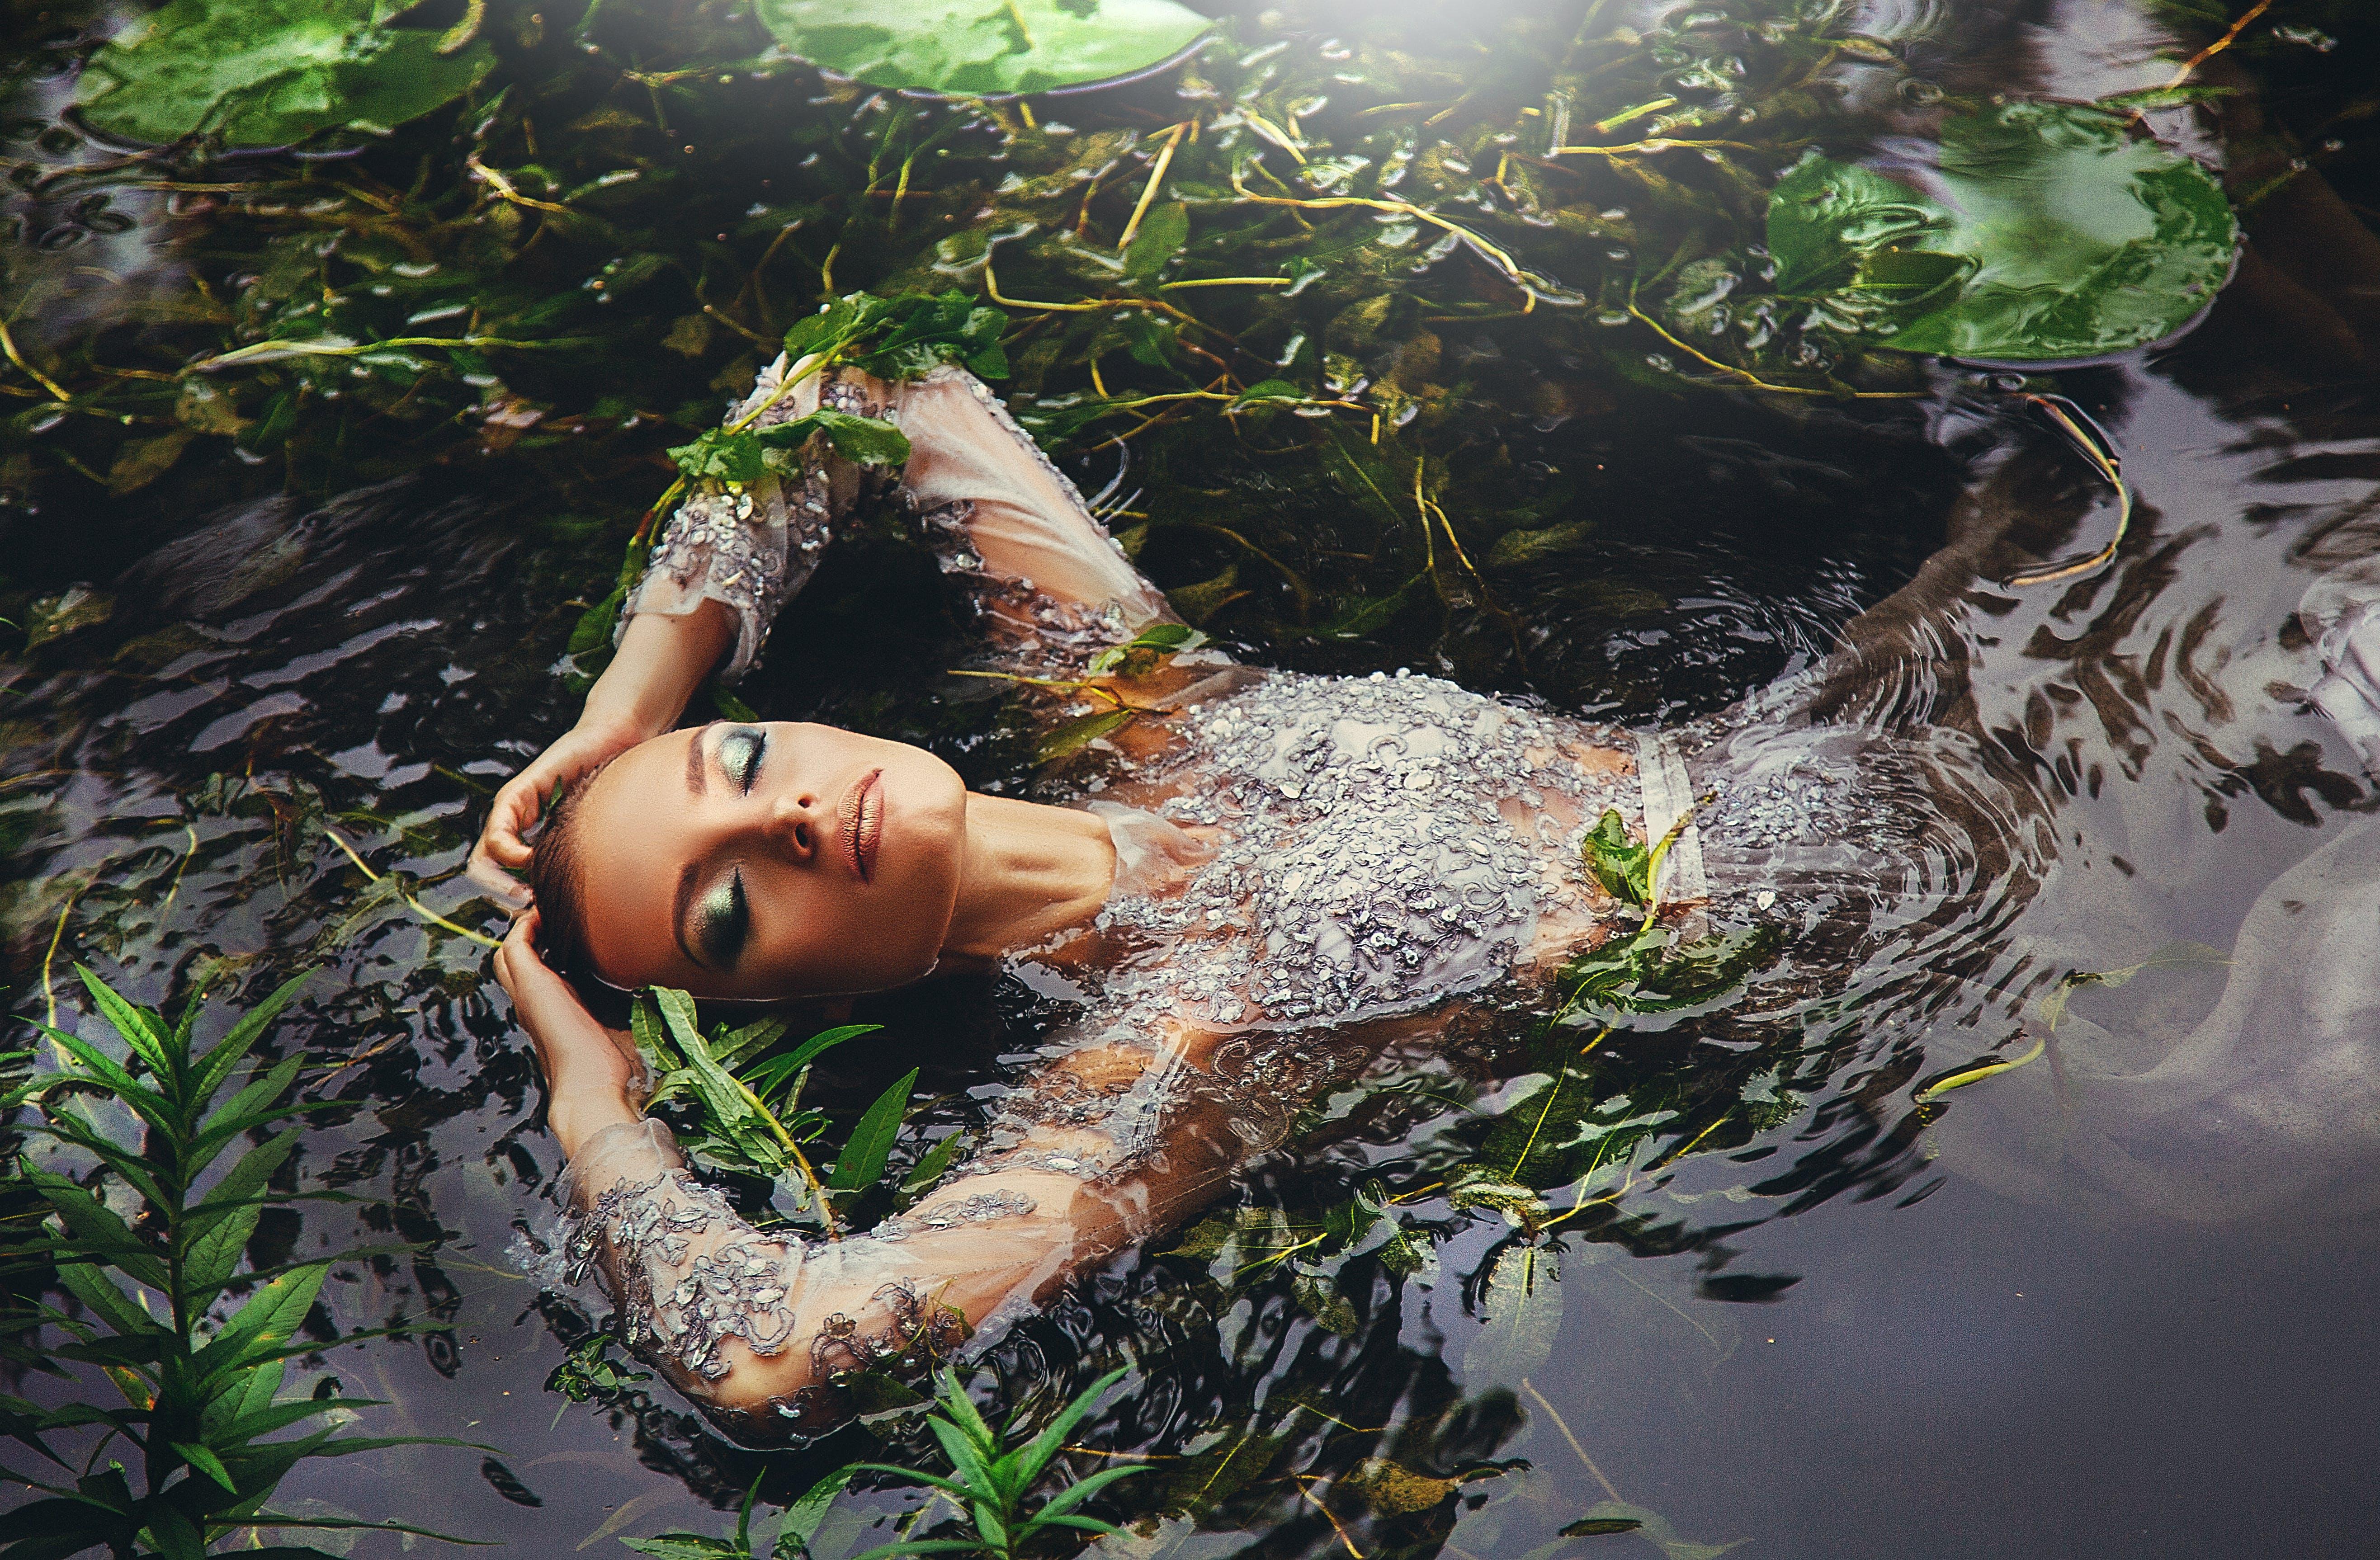 elbise, gölet, ırmak, Kadın içeren Ücretsiz stok fotoğraf